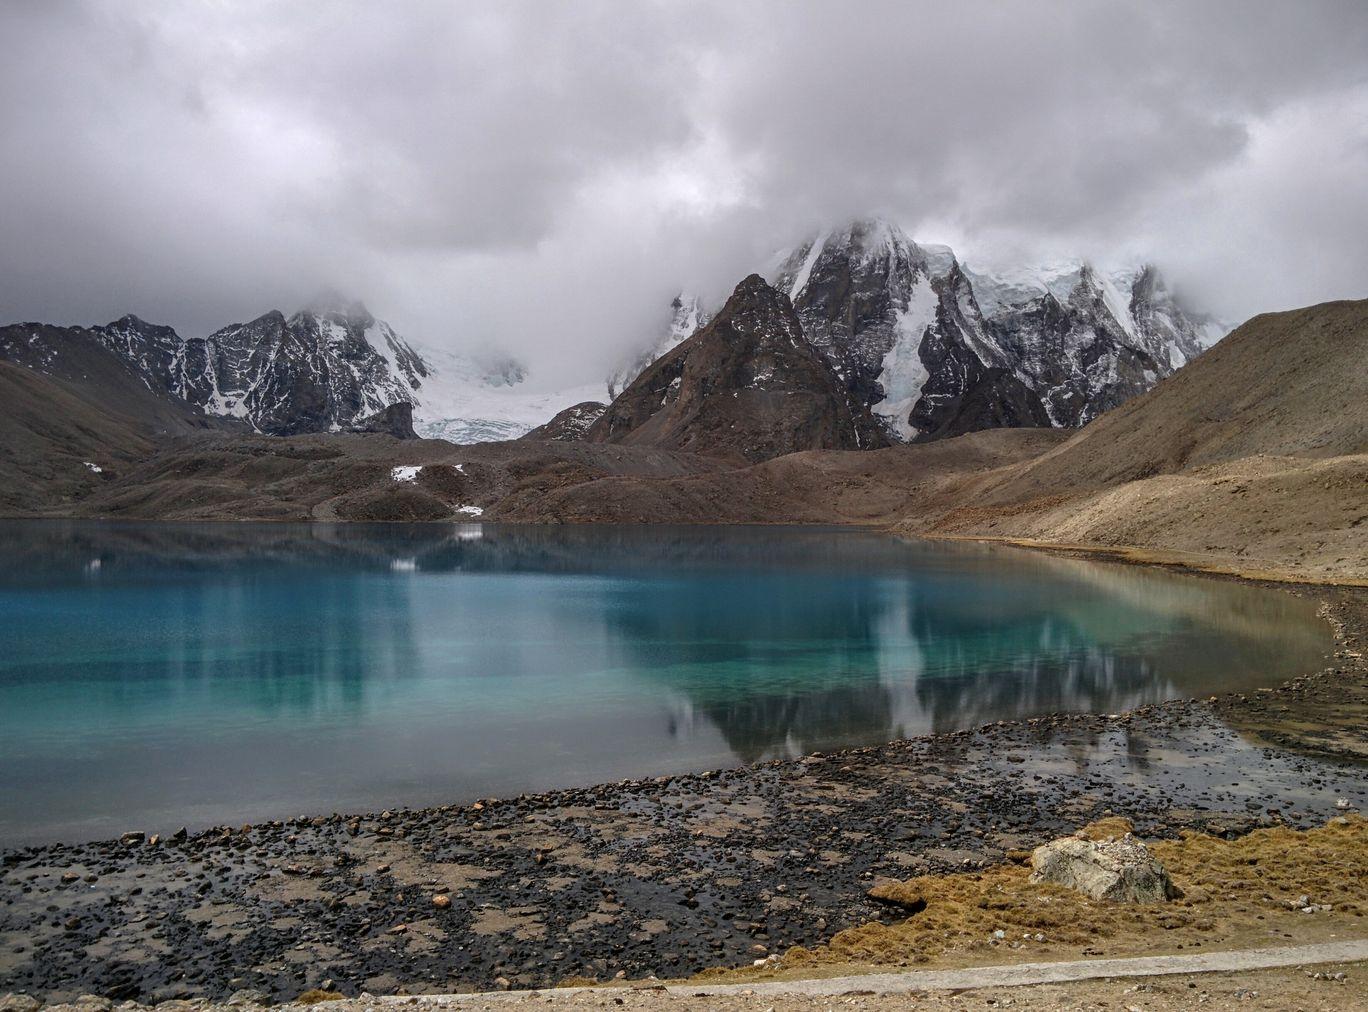 Photo of Gurudongmar Lake By Adnan Taher